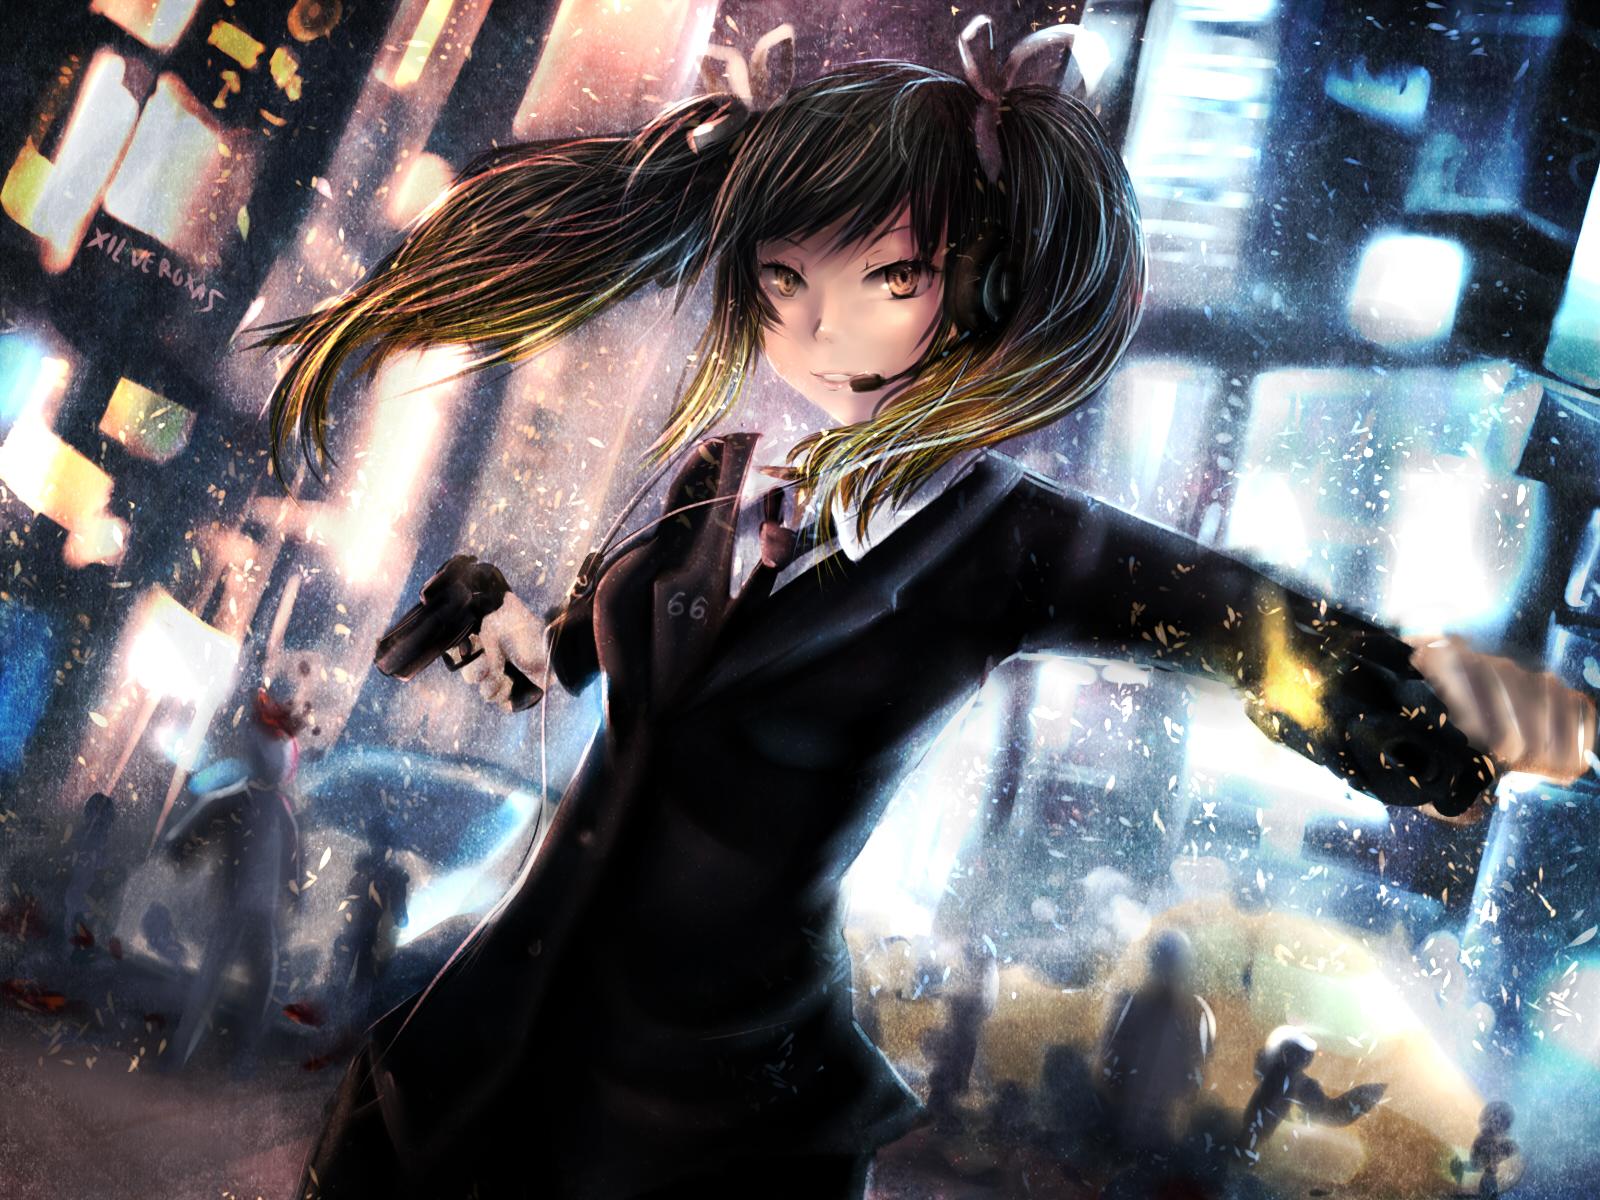 Download 2880x1800 Anime Cat Headphones Short Fondos De Pantalla